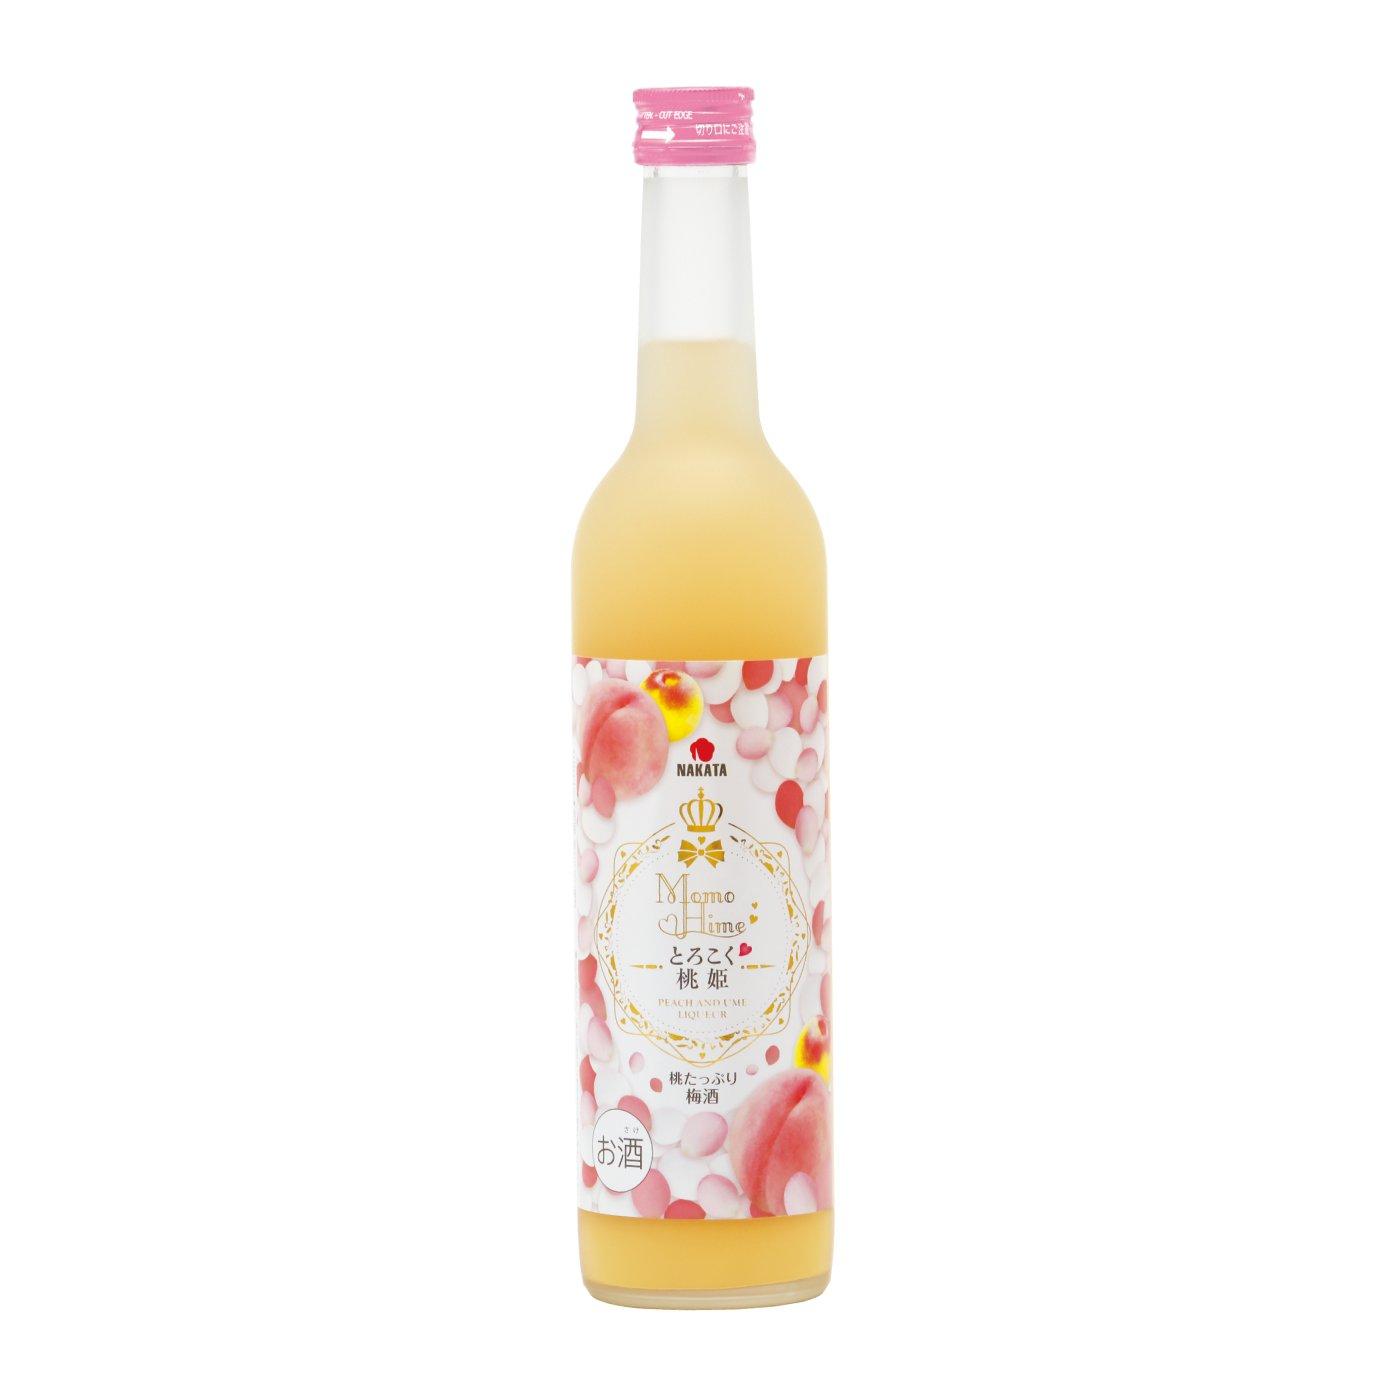 とろこく桃姫 桃たっぷり梅酒の会